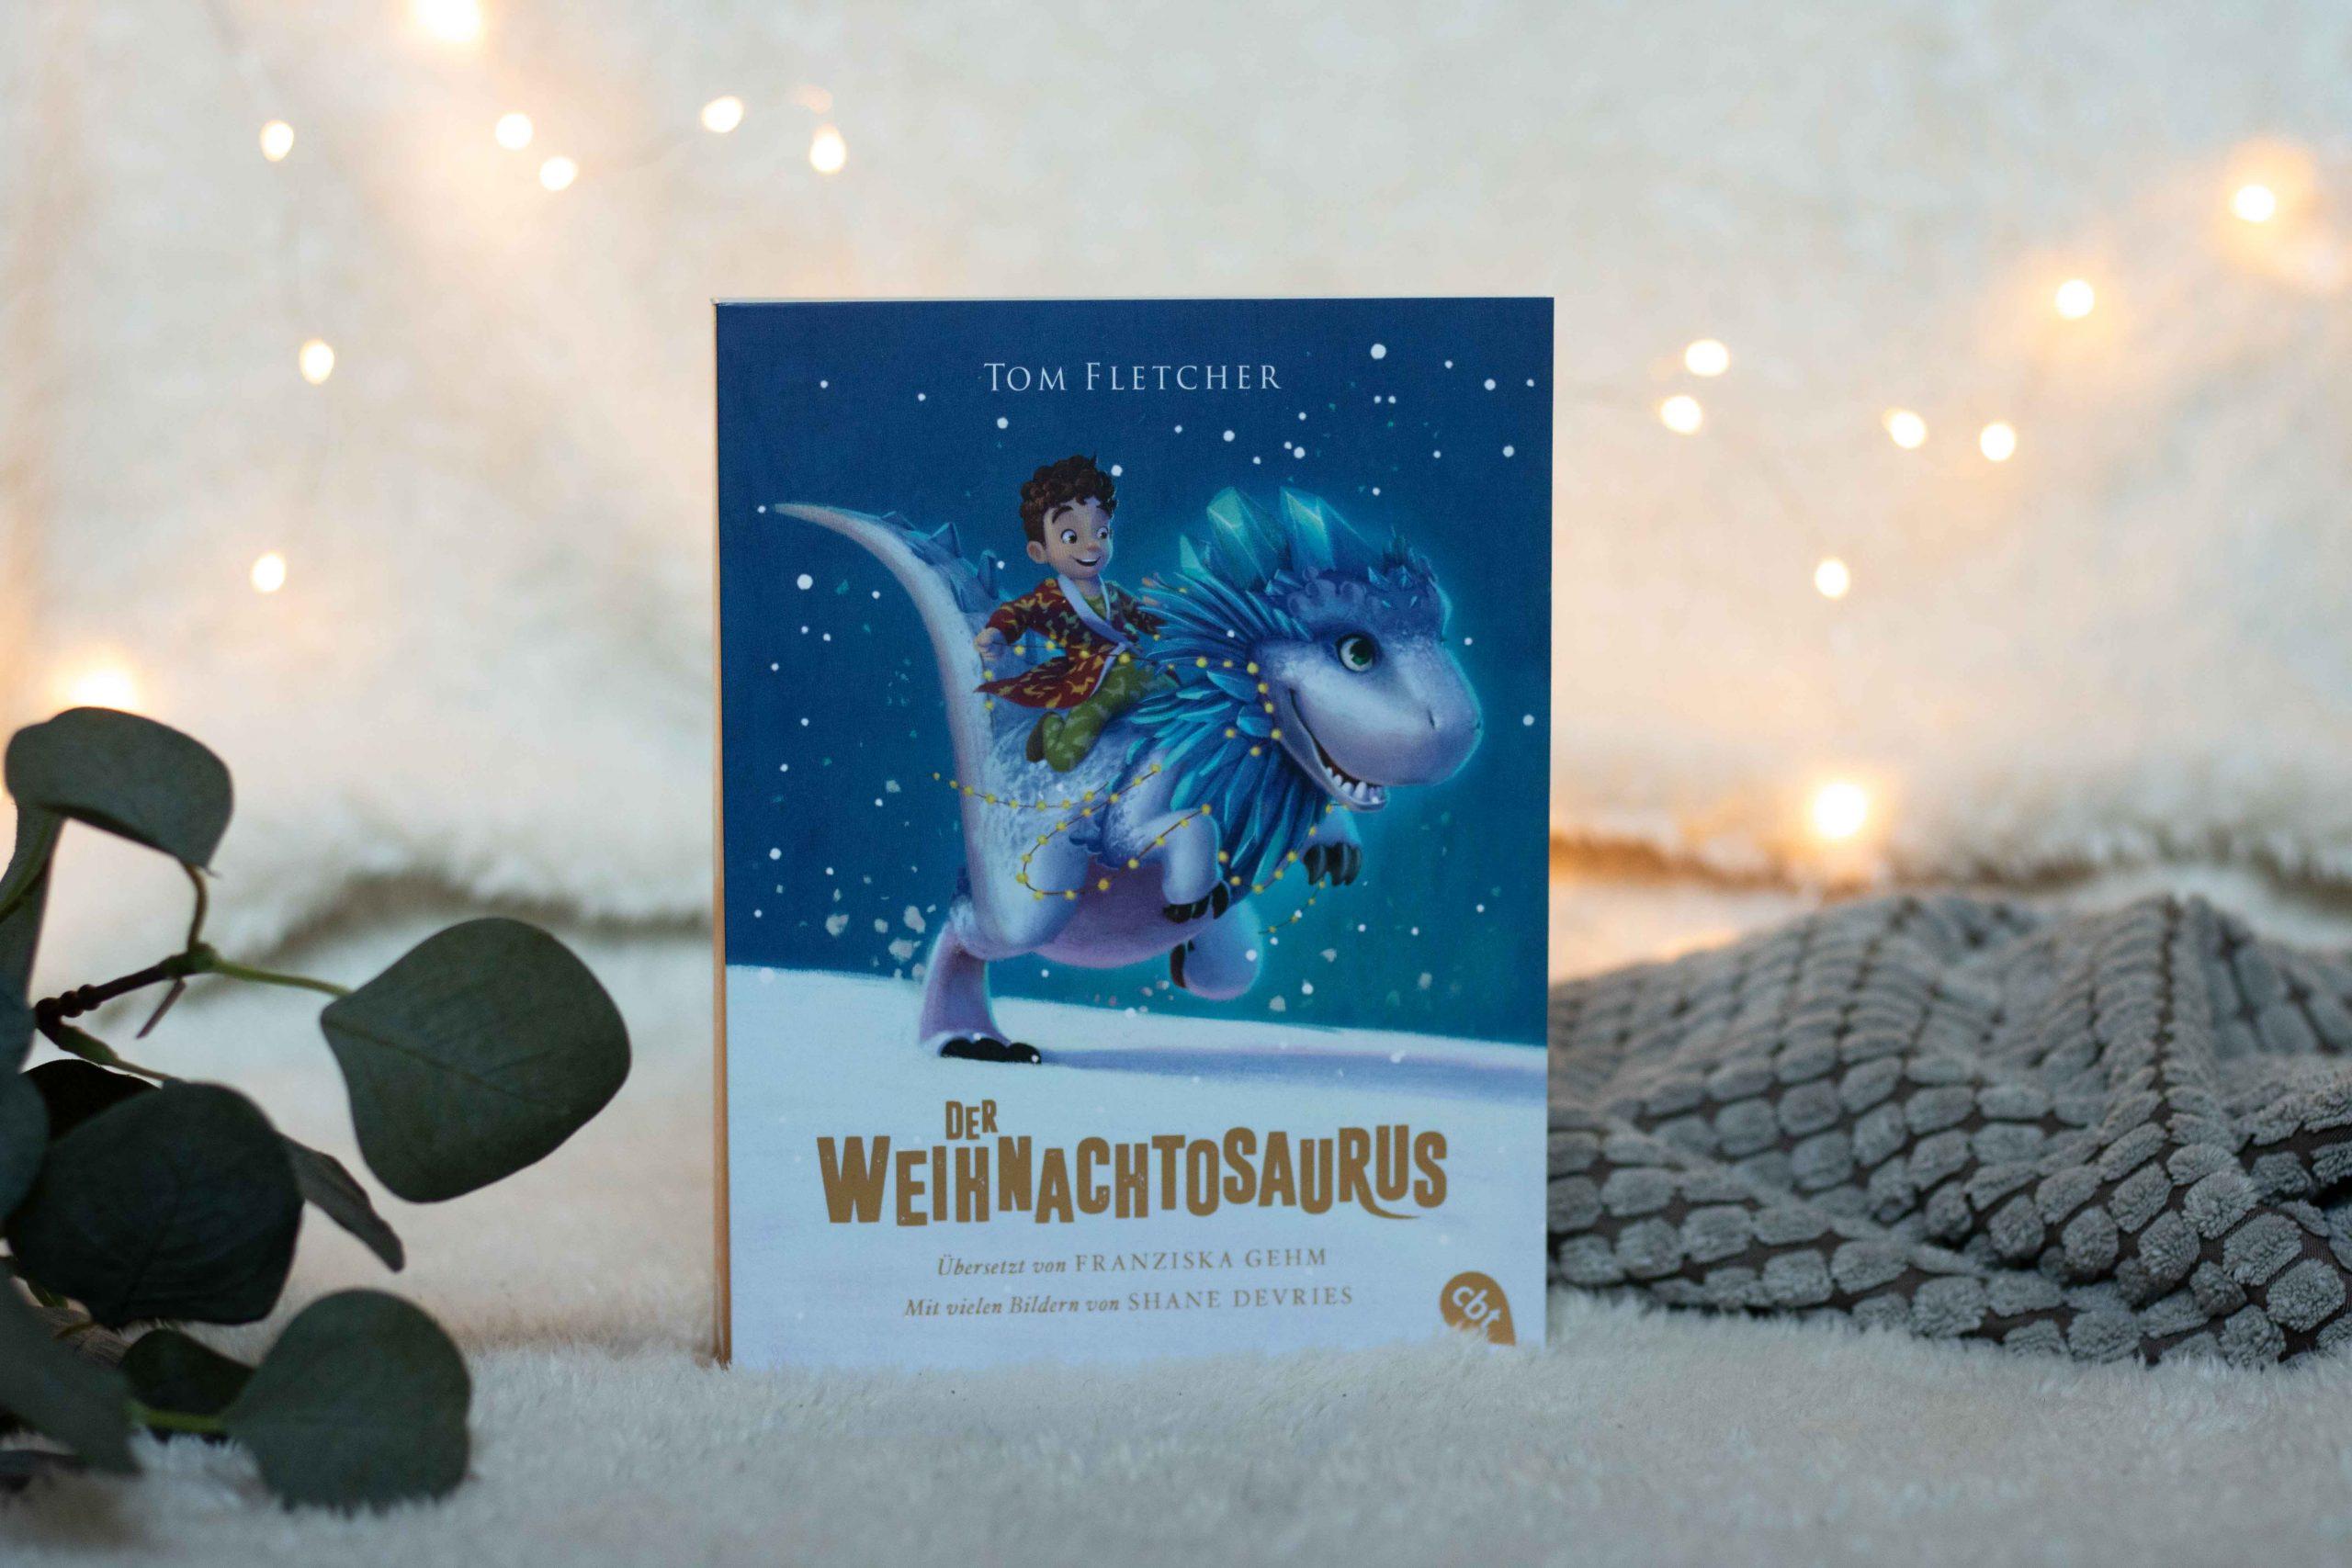 Der Weihnachtosaurus | Tom Fletcher